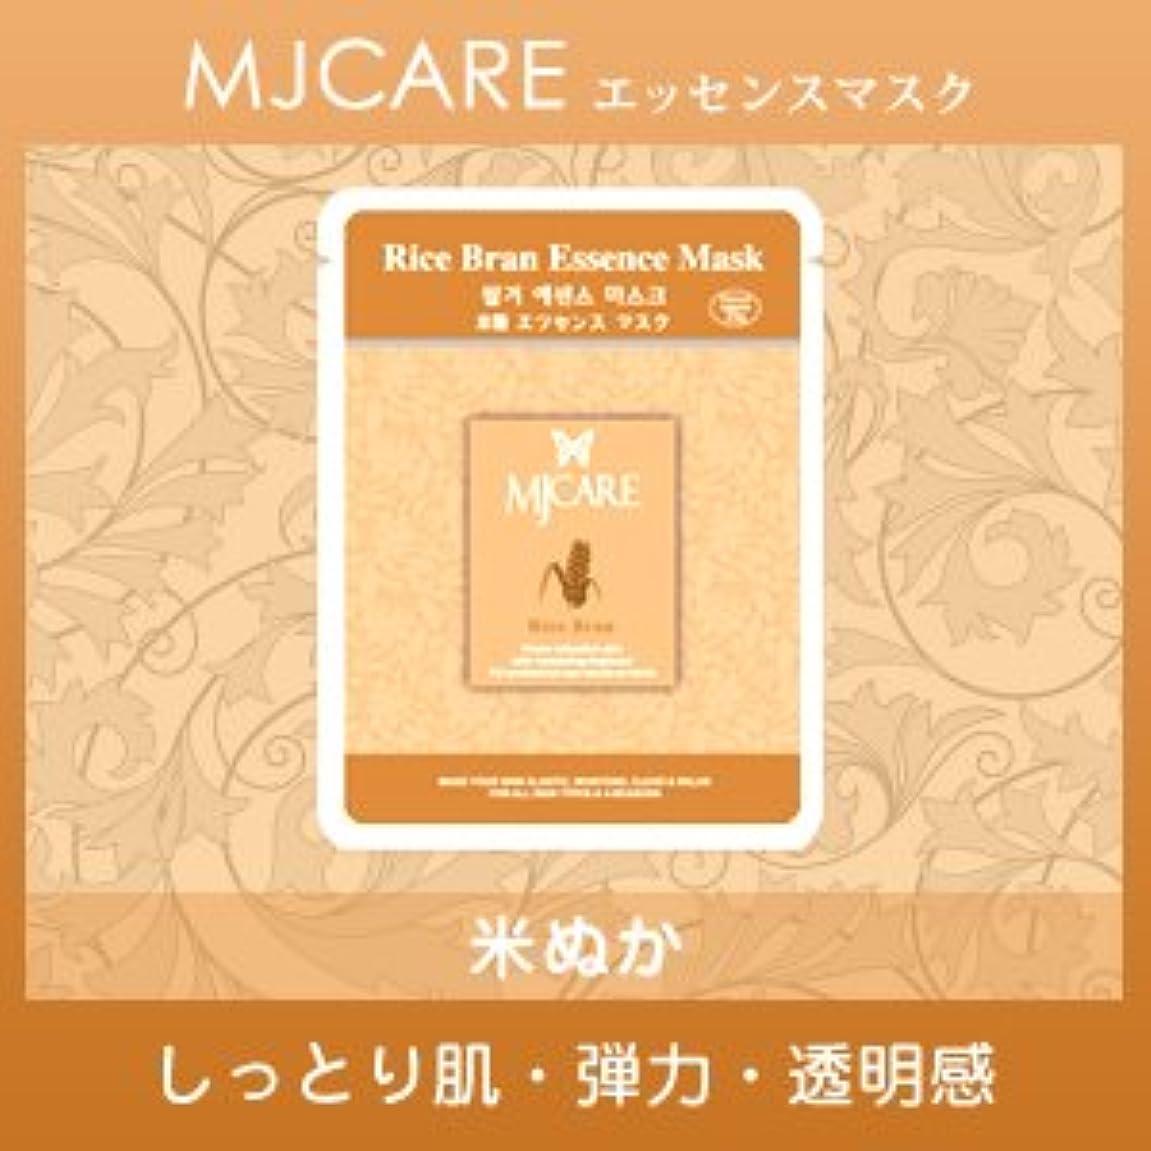 メディカル単なる浮浪者MJCARE (エムジェイケア) 米ぬか エッセンスマスク